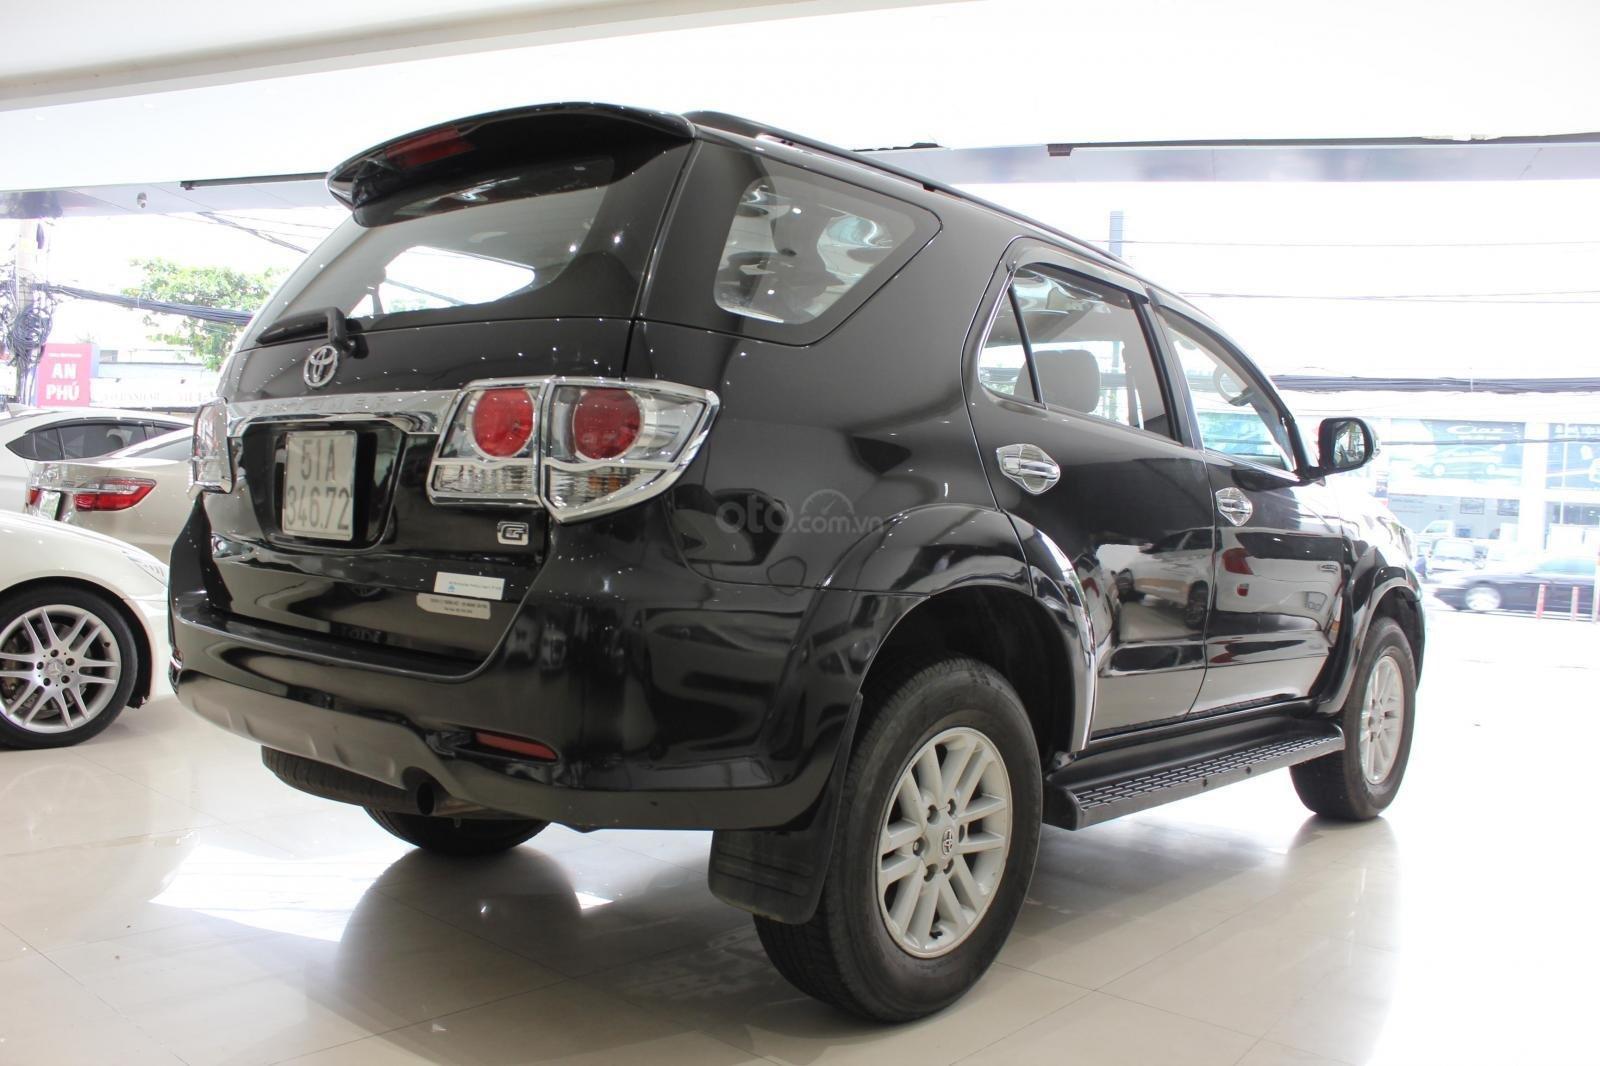 Bán xe Toyota Fortuner 2.5G MT đời 2012, máy dầu, màu đen, biển SG, xe đẹp (3)